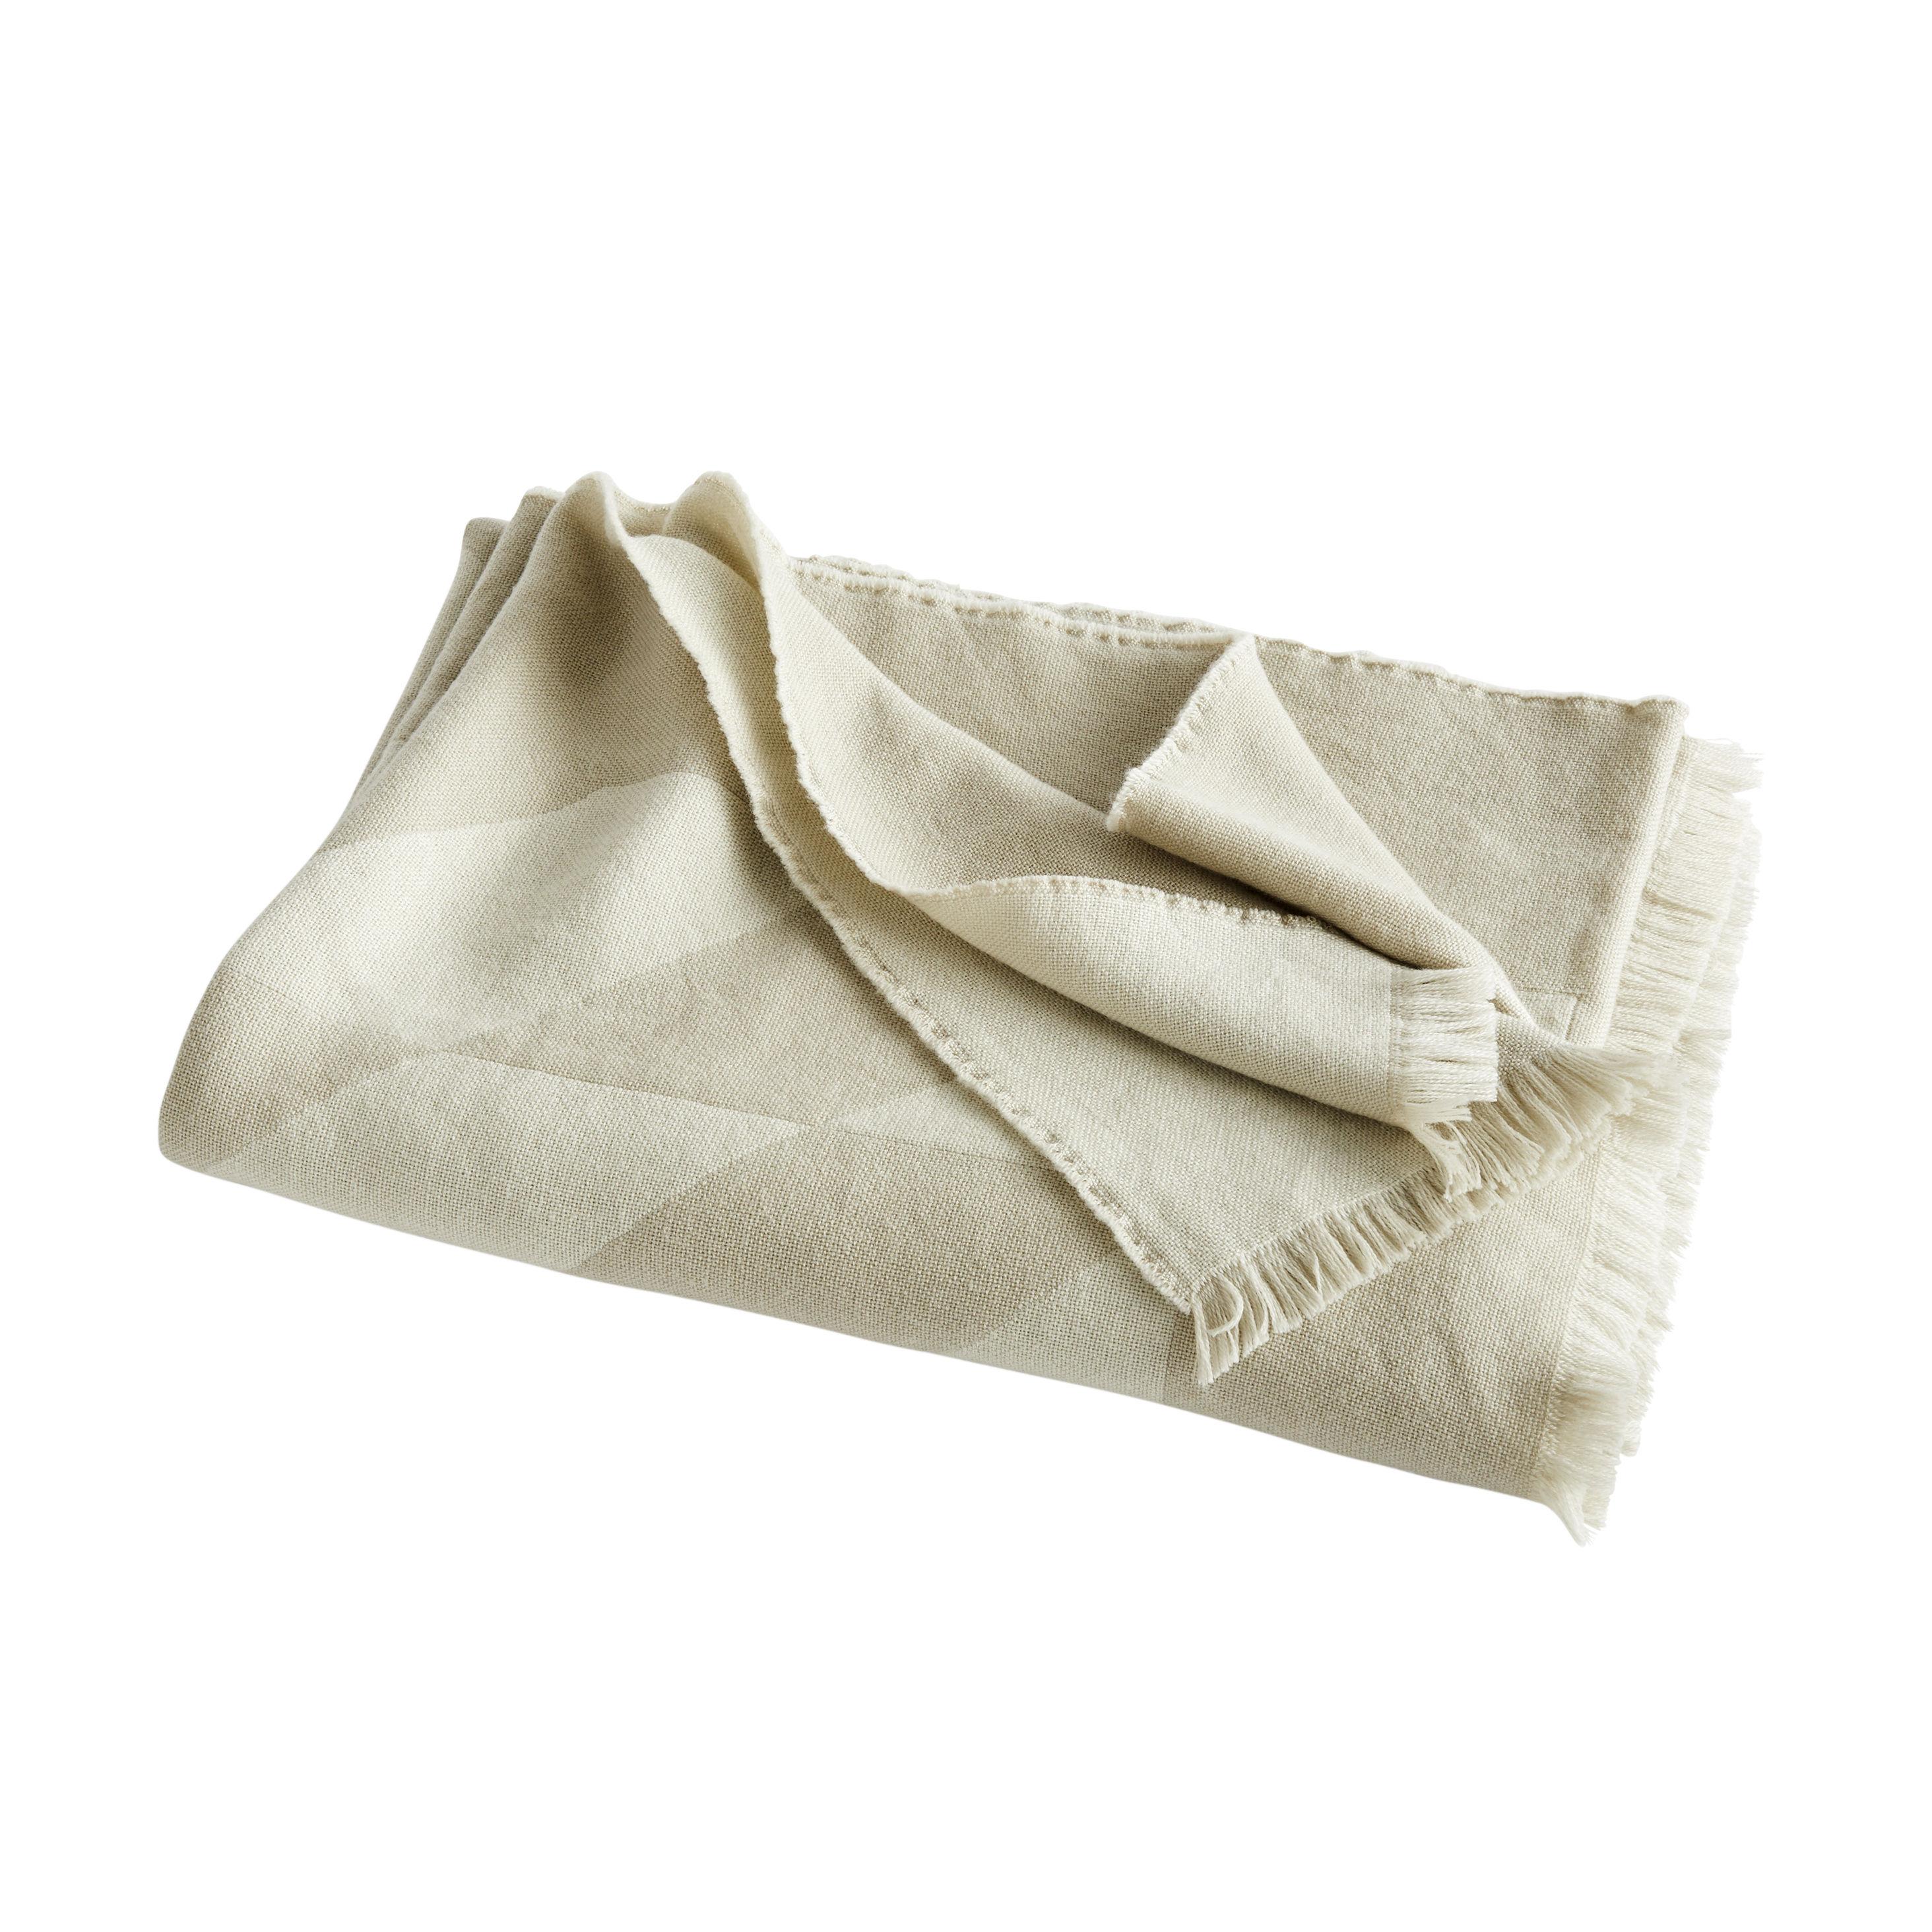 Decoration - Bedding & Bath Towels - Star Plaid - / 180 x 130 cm - Wool by Hay - Grey - Merinos wool